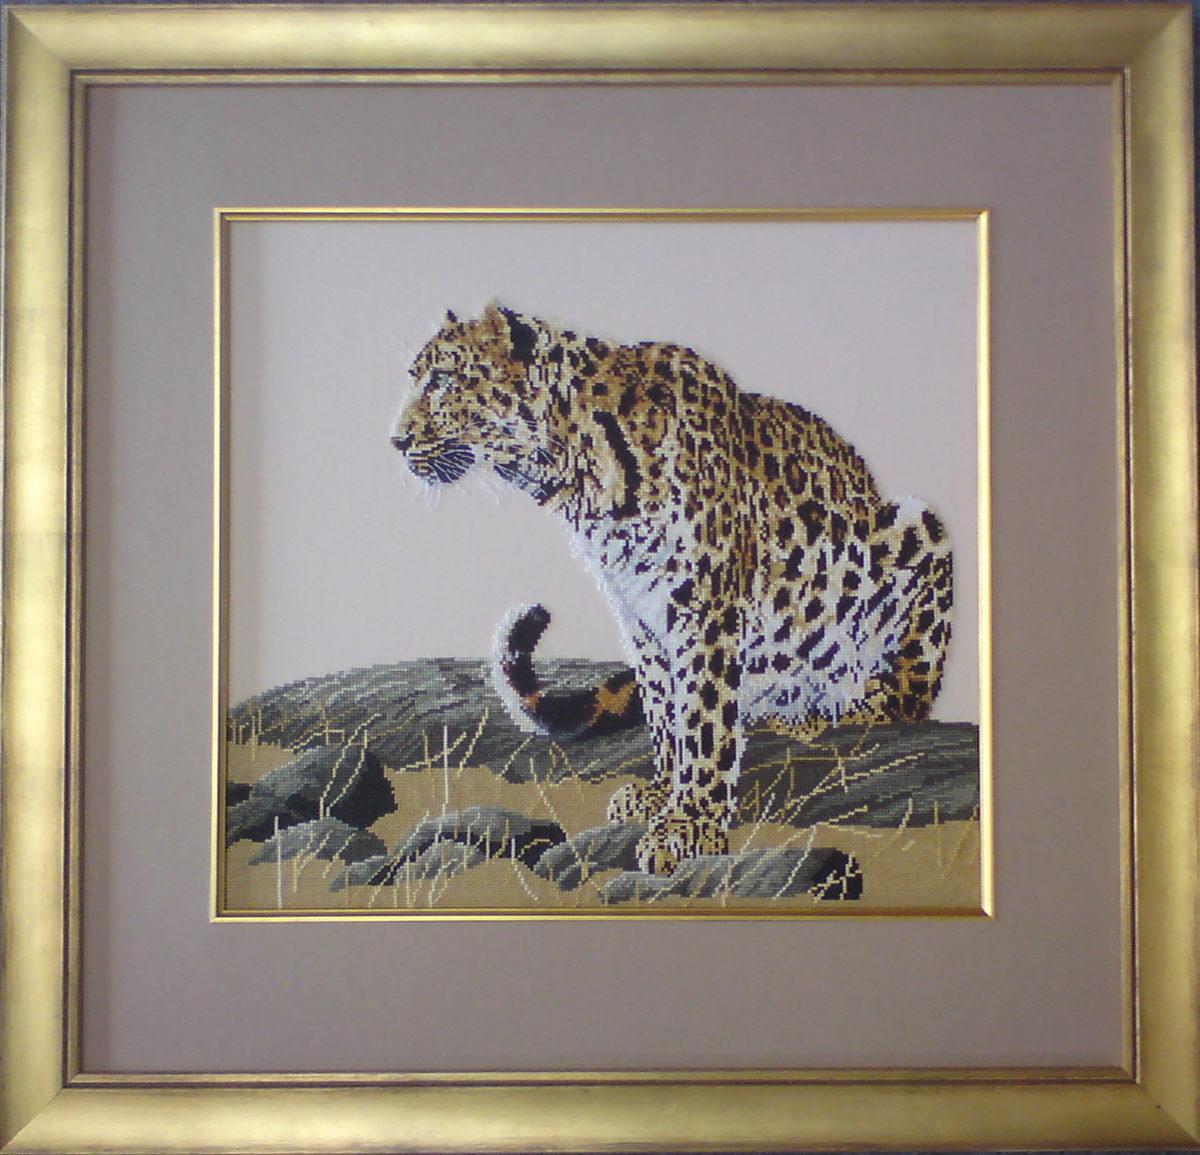 Tiger Tapestry framed with gold fillet